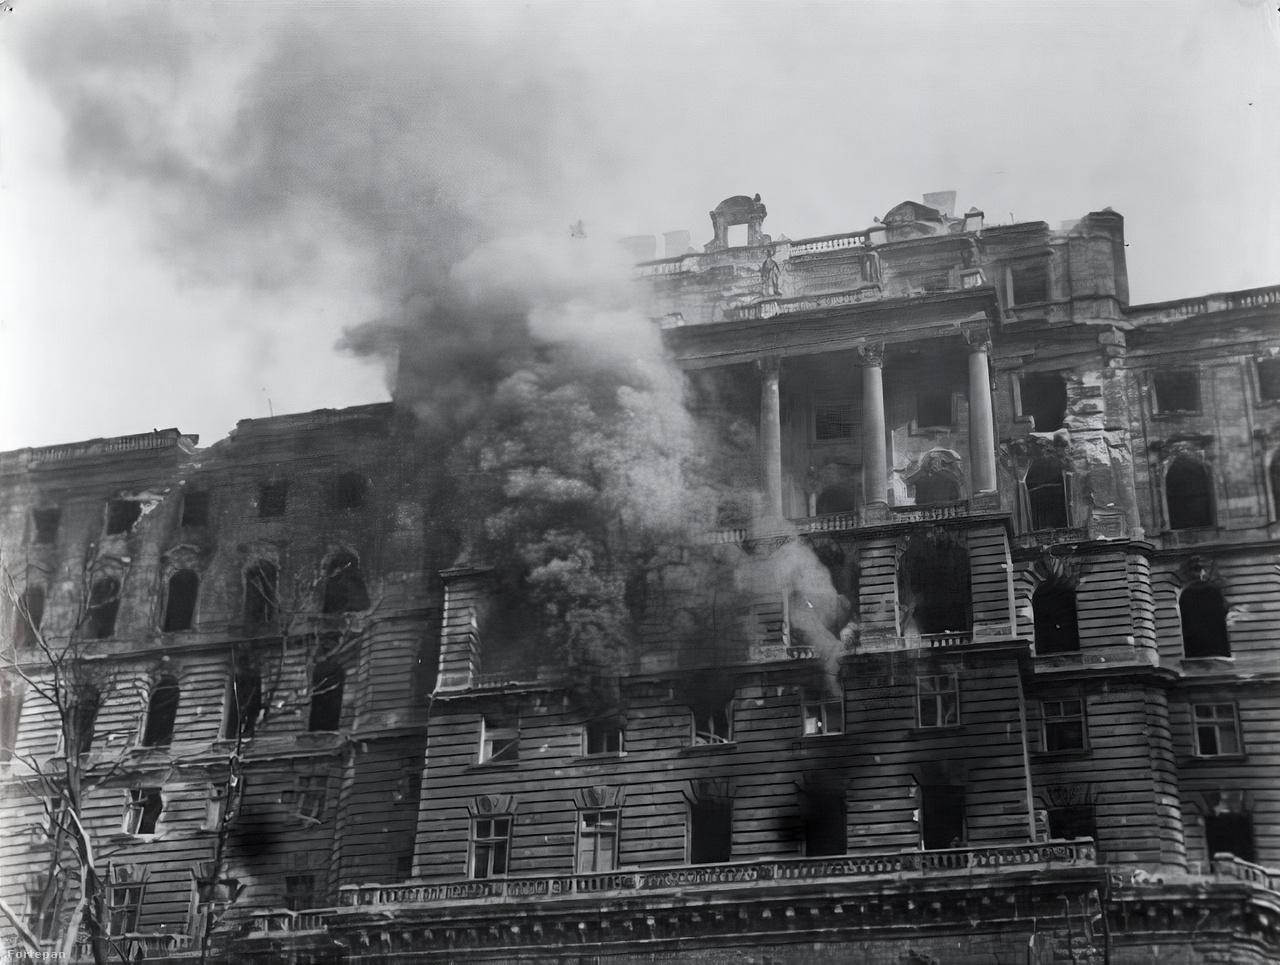 """Királyi Palota a Tabán felől.Aki Haldej nevét nem ismeri, egyetlen képét az is egészen biztosan fel tudja idézni: katona a Reichstagon szovjet zászlóval. A legismertebb ikonikus kép egyben a legvitatottabb is, bár Haldej sosem csinált belőle titkot, hogy nem                          spontán pillanatot kapott el, hanem megkomponálta a jelenetet – mondjuk a szovjet hadsereget nem ő rendelte a                          legyőzött náci Németország romba döntött fővárosába. A zászlót viszont ő vitte, a Reichstag tetejére is az ő kérésére másztak fel. Hiába állította be tökéletesre, felsőbb utasításra így is bele kellett nyúlnia a negatívba: """"Hát nem látja, hogy a katonának két karórája van?! Egy szovjet katona nem lehet fosztogató! Azonnal törölje ki"""" – Haldej végül tűvel kaparta le az órát a hős katona jobb csuklójáról."""